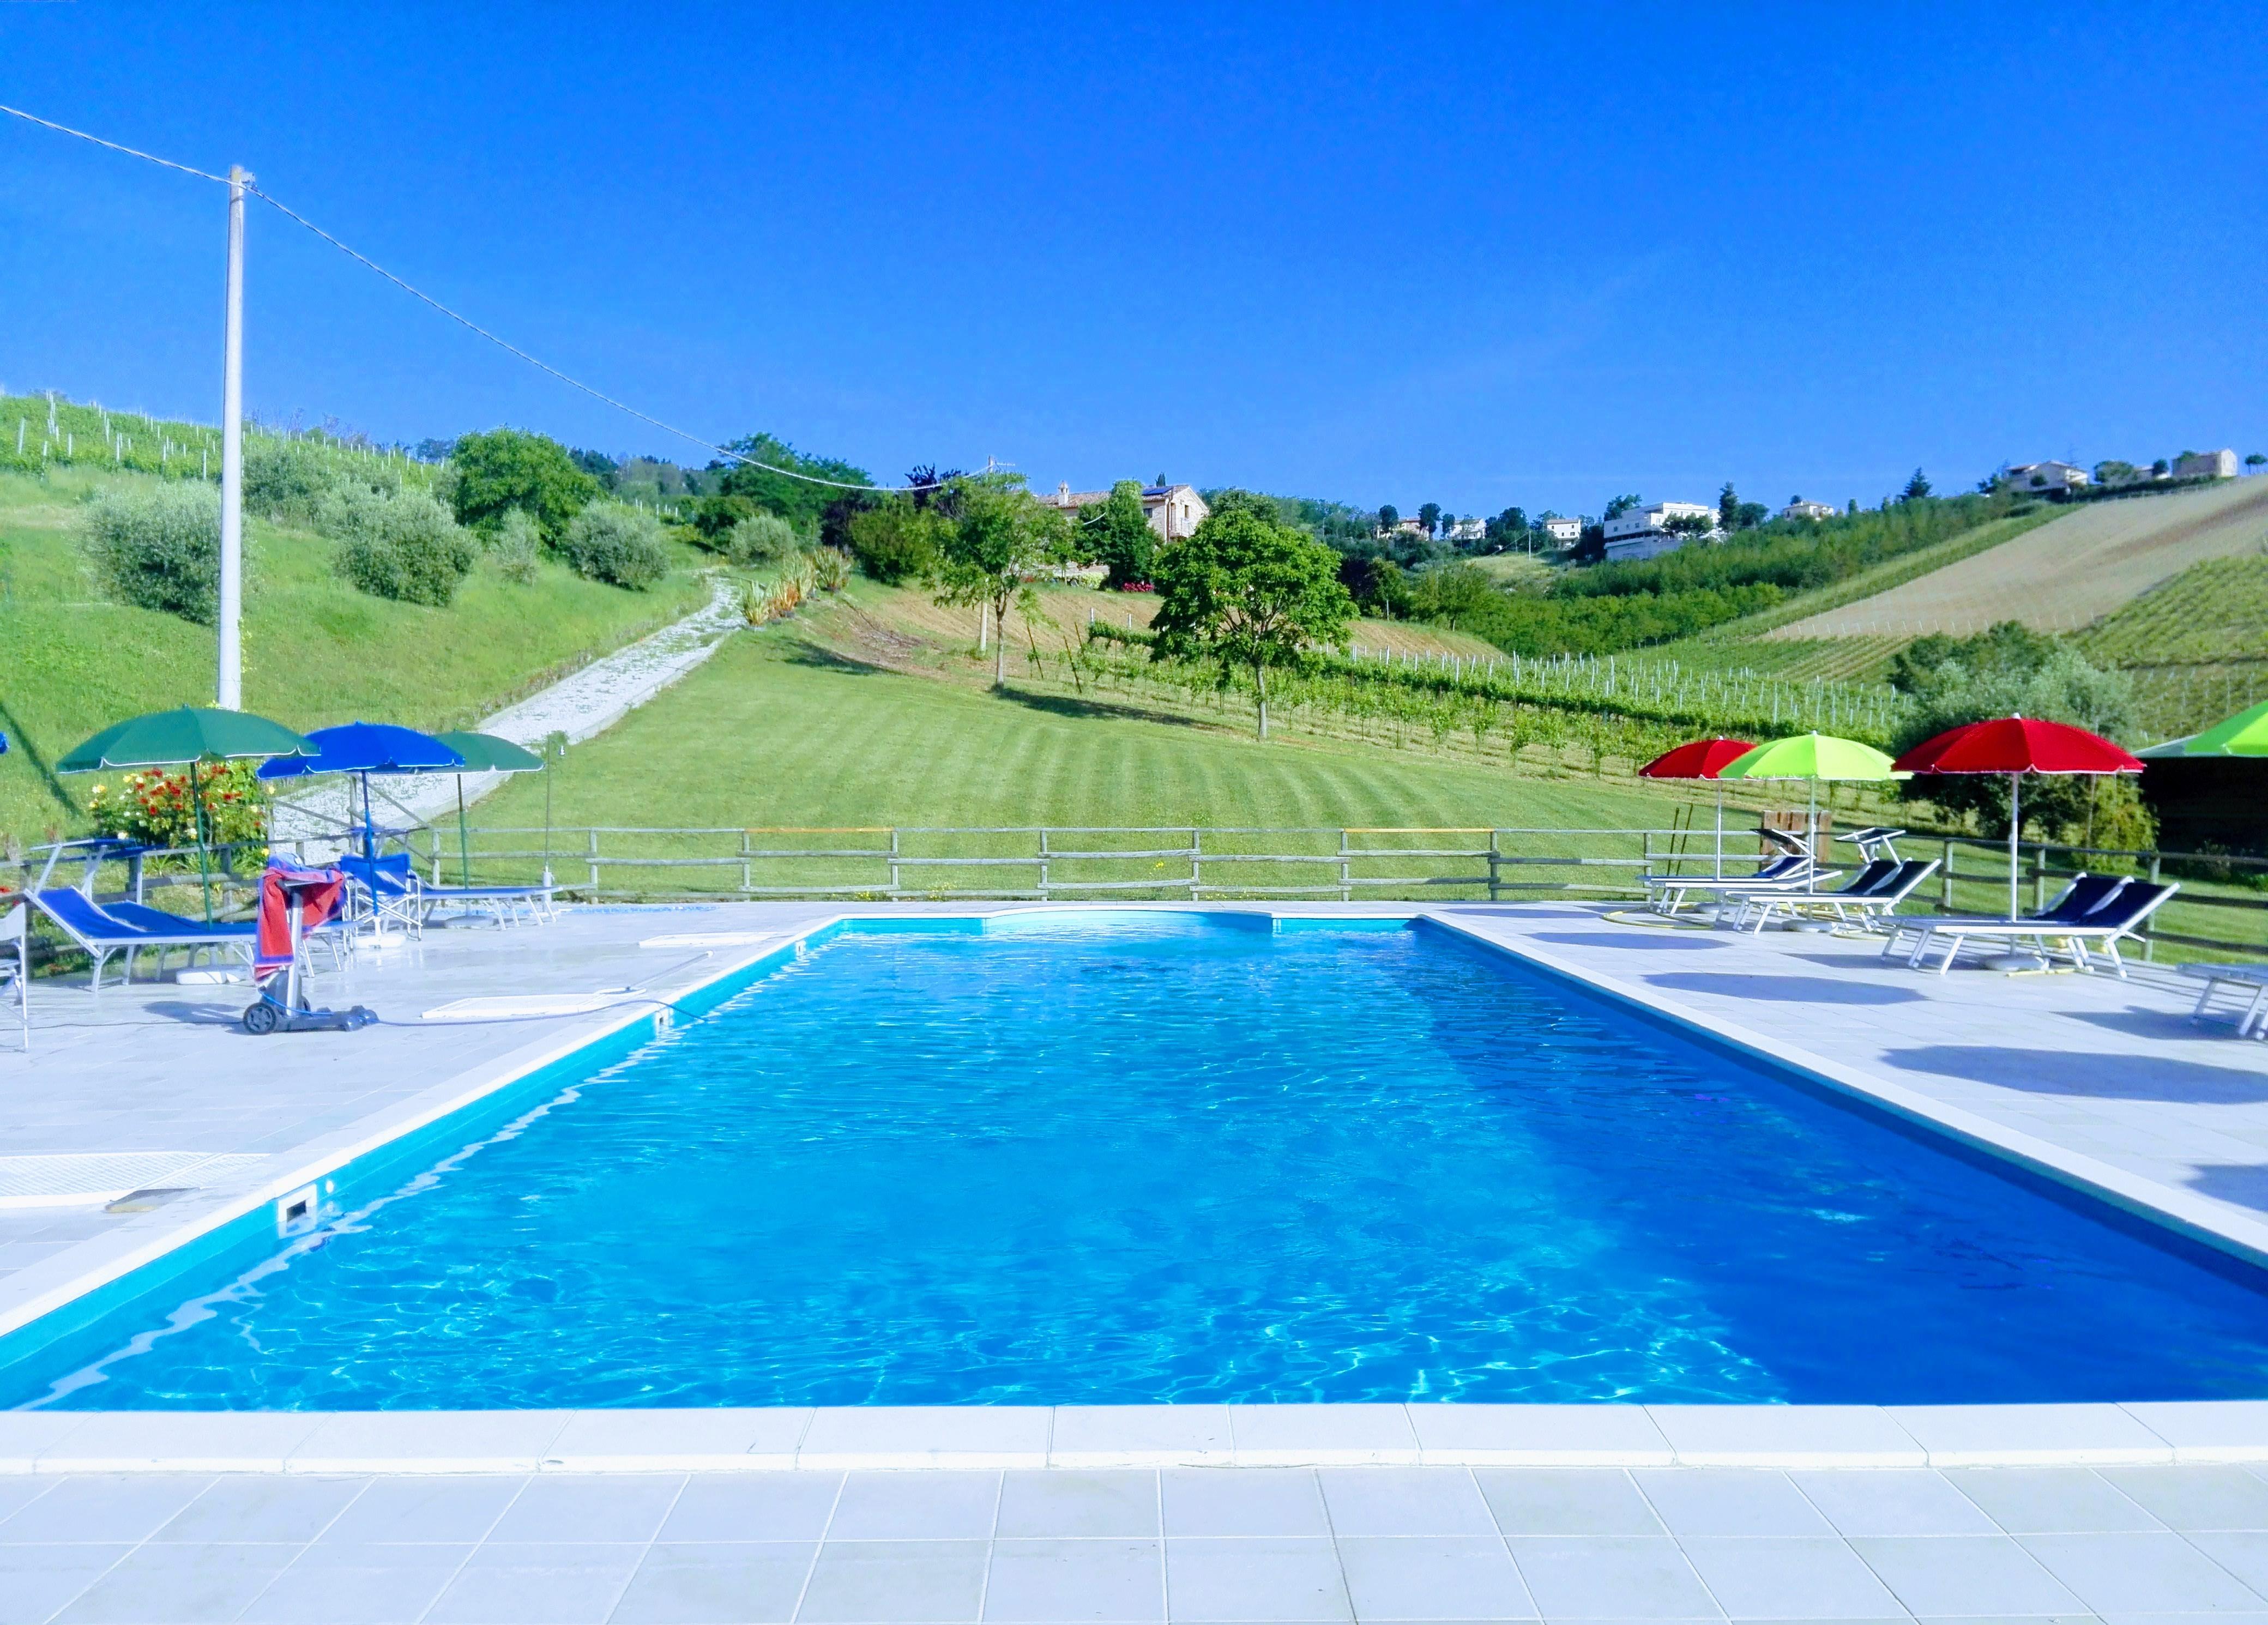 piscina casa degli gnomi, agriturismo marche